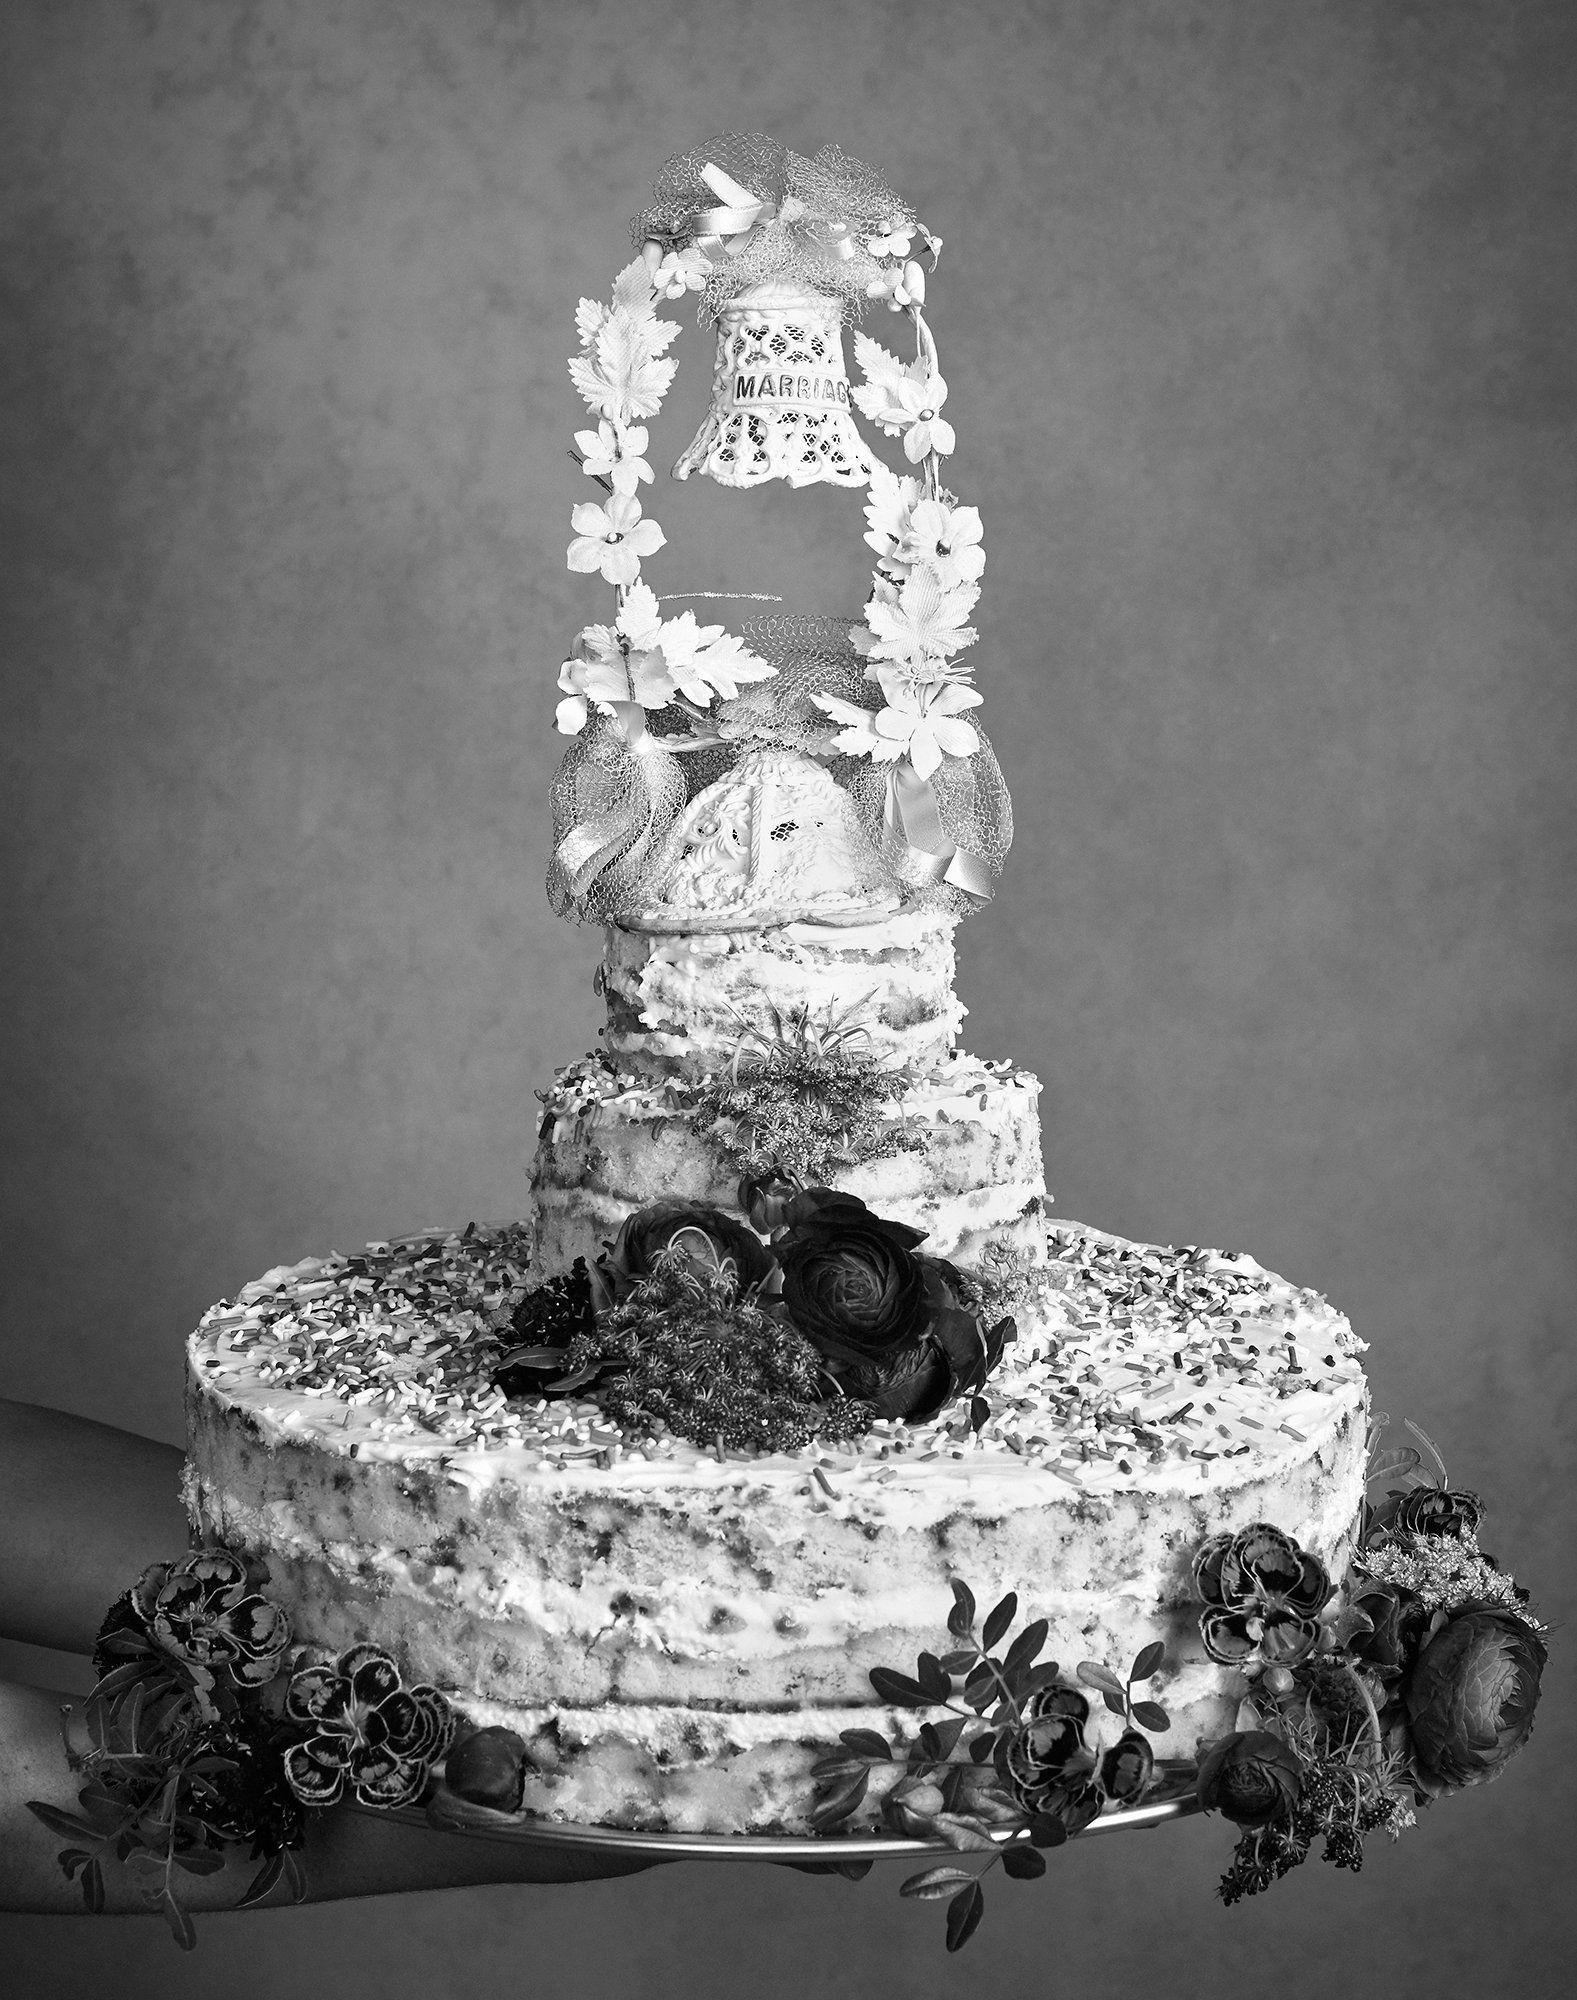 Zosia Mamet Wedding.The Rustic Wedding Of Zosia Mamet And Evan Jonigkeit Rustic